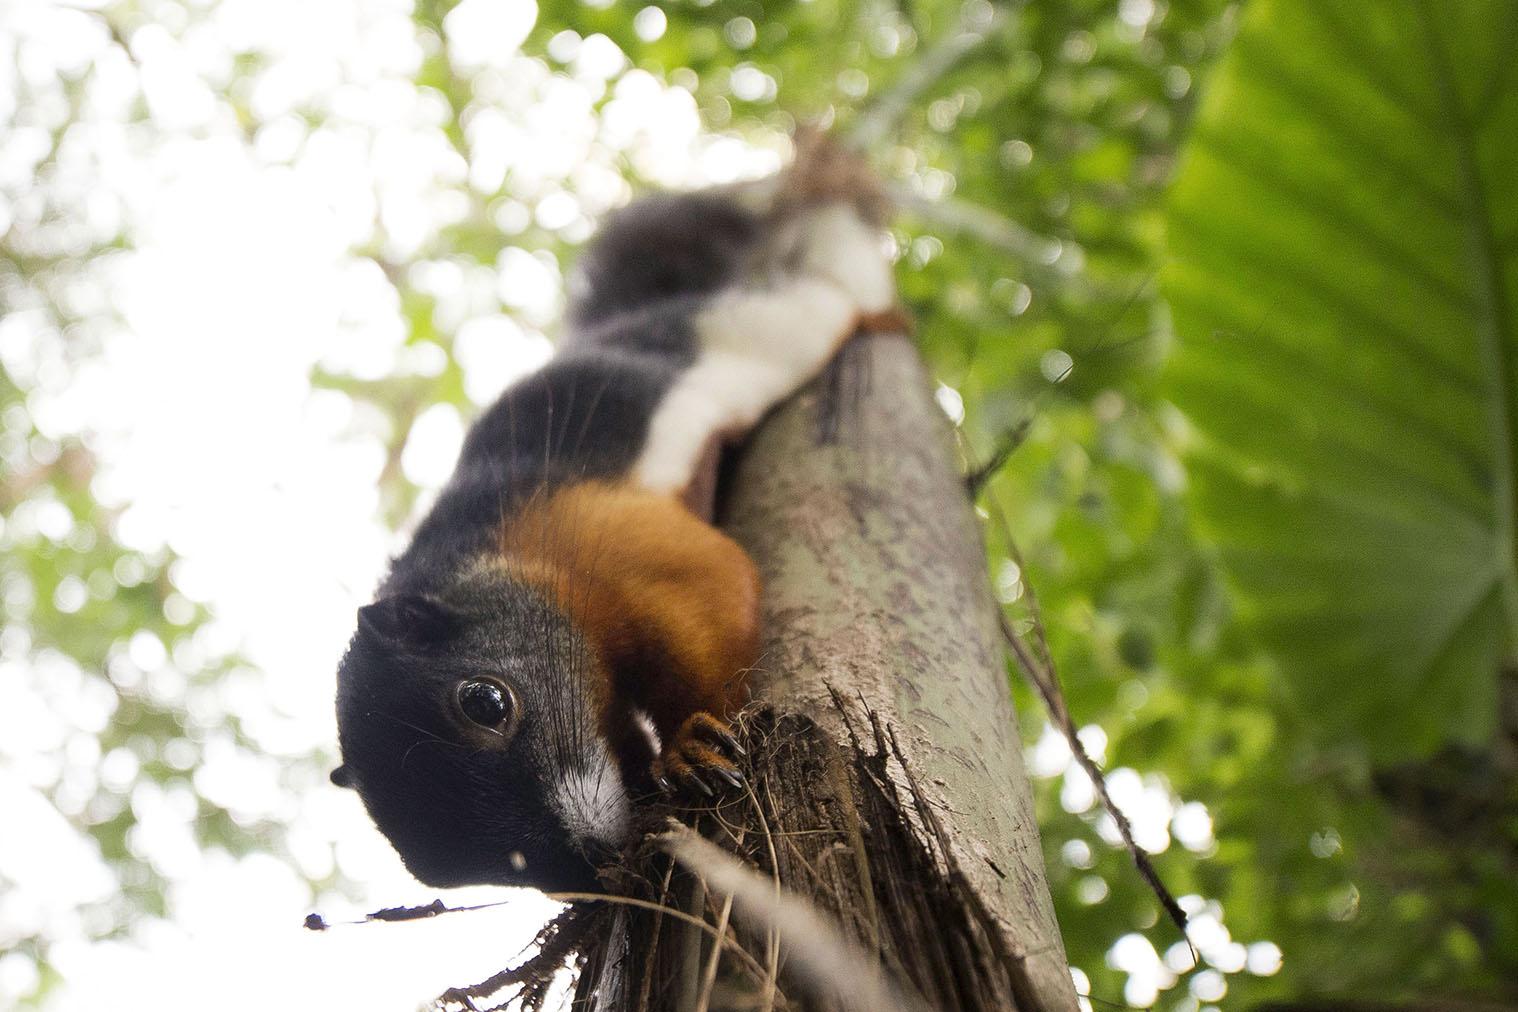 Dette egern er bare 20 cm. langt. Men perspektivet, det er fotograferet gennem, gør en del ved det faktum.